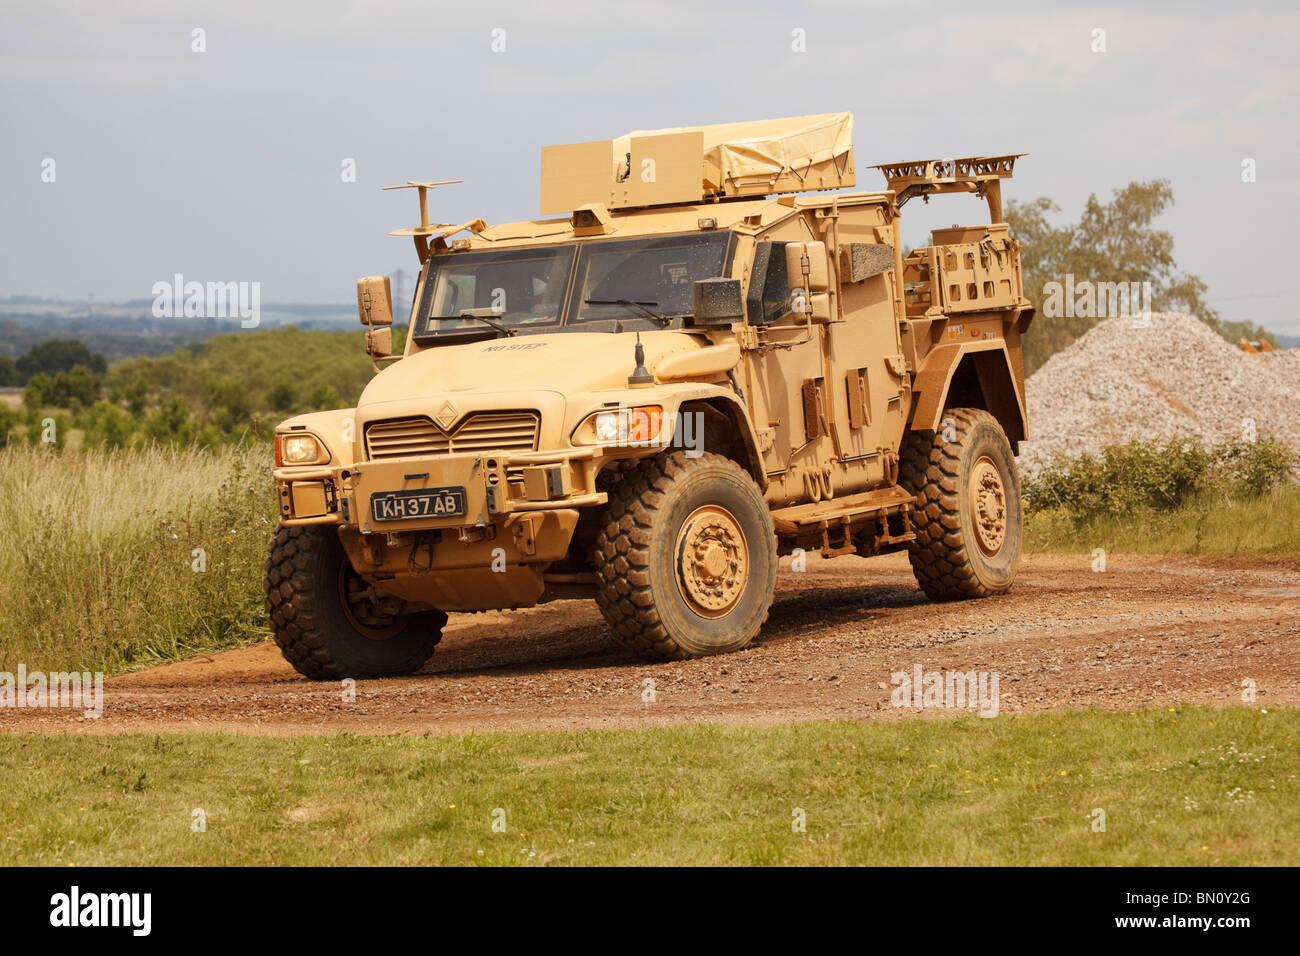 Husky Navistar un véhicule de soutien tactique protégé (TSV) de l'armée britannique. Photo Stock